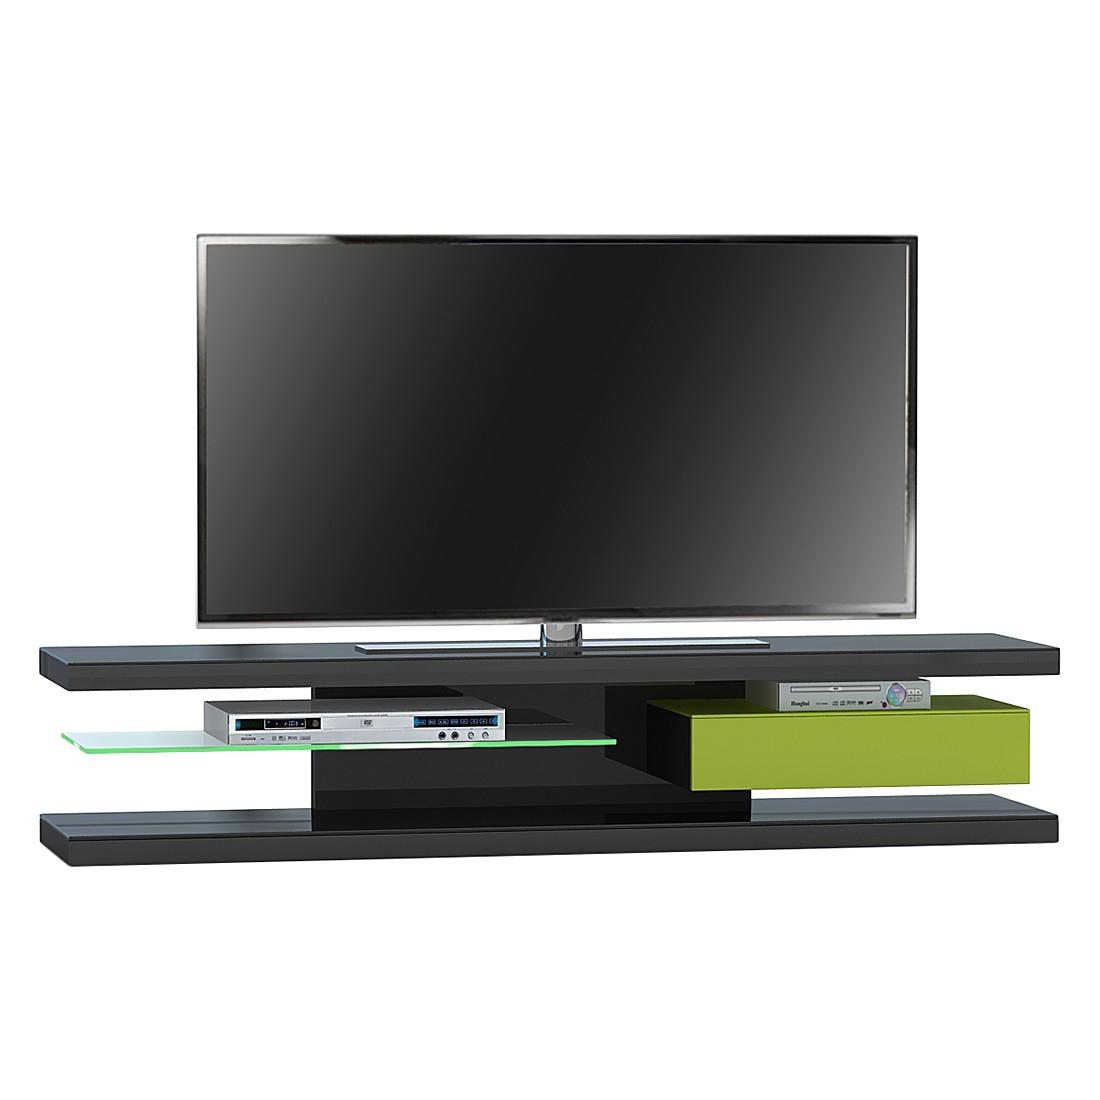 TV-Rack SL 690 – Schwarz / Grün, Jahnke online bestellen